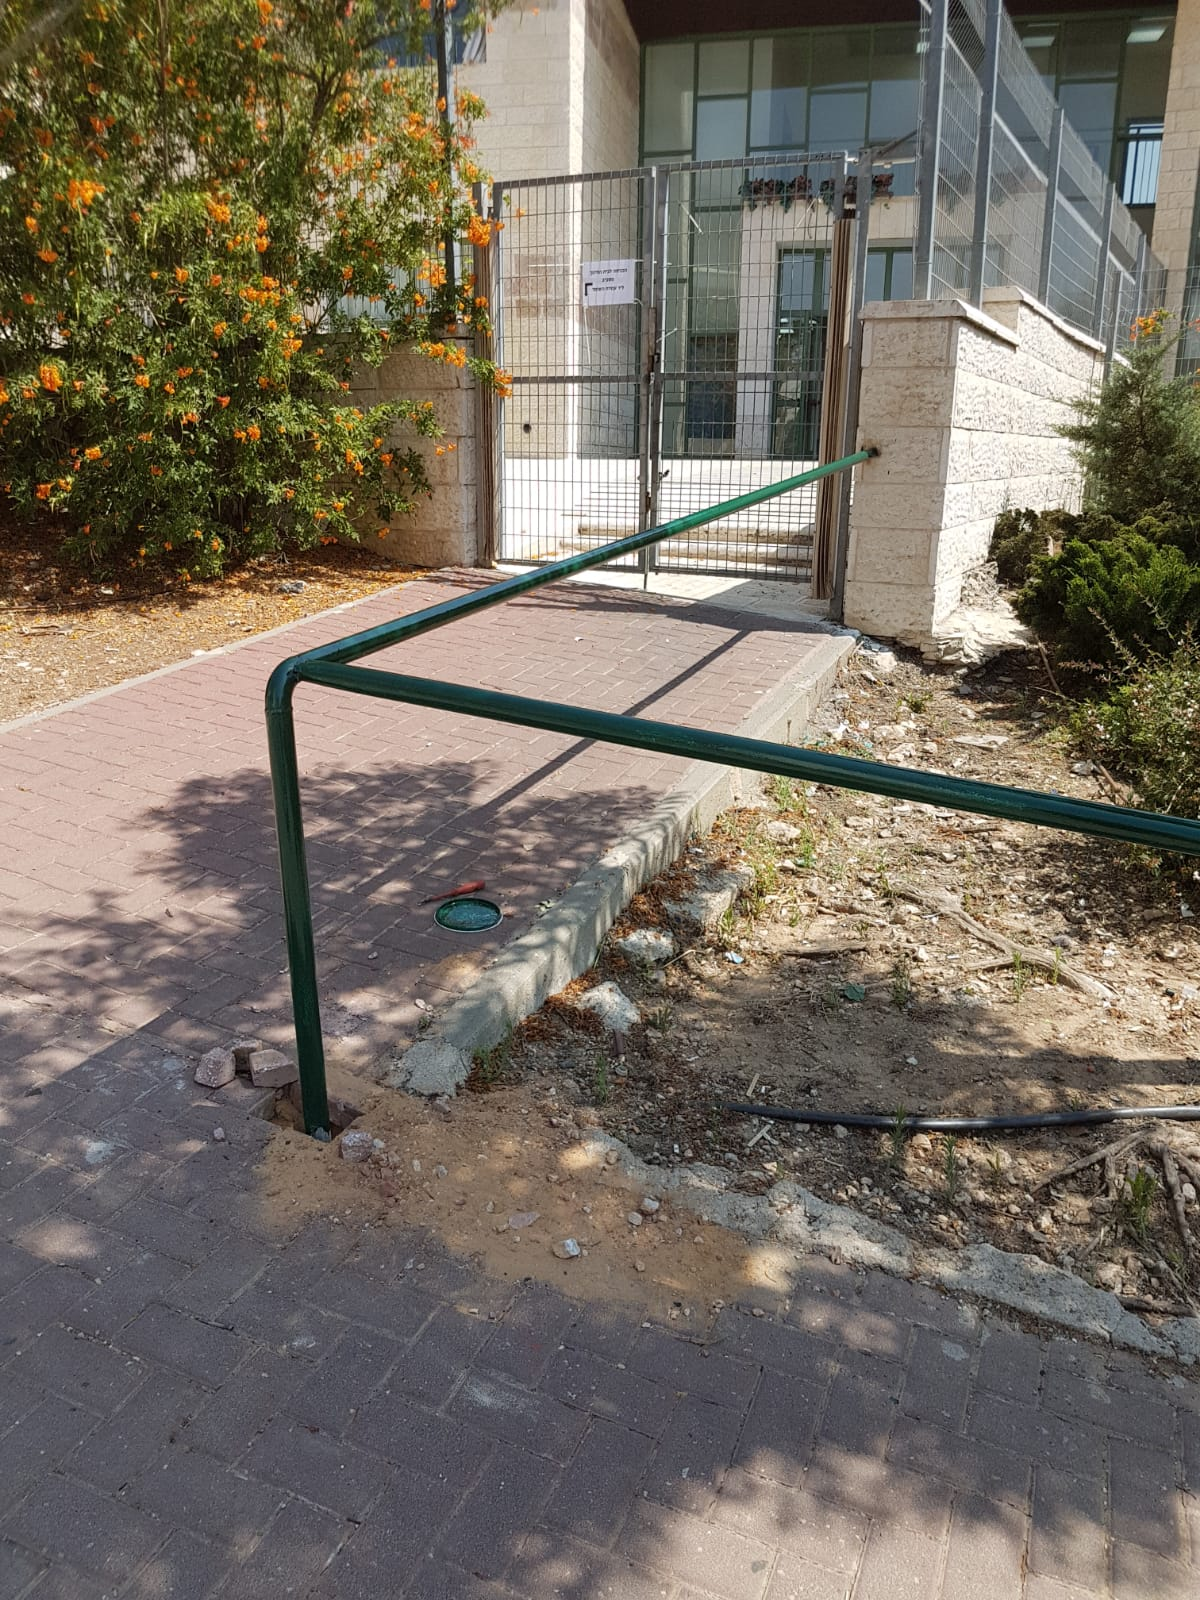 עובדי העירייה התקינו מעקה מיוחד ברחוב לילדה בעלת מוגבלות